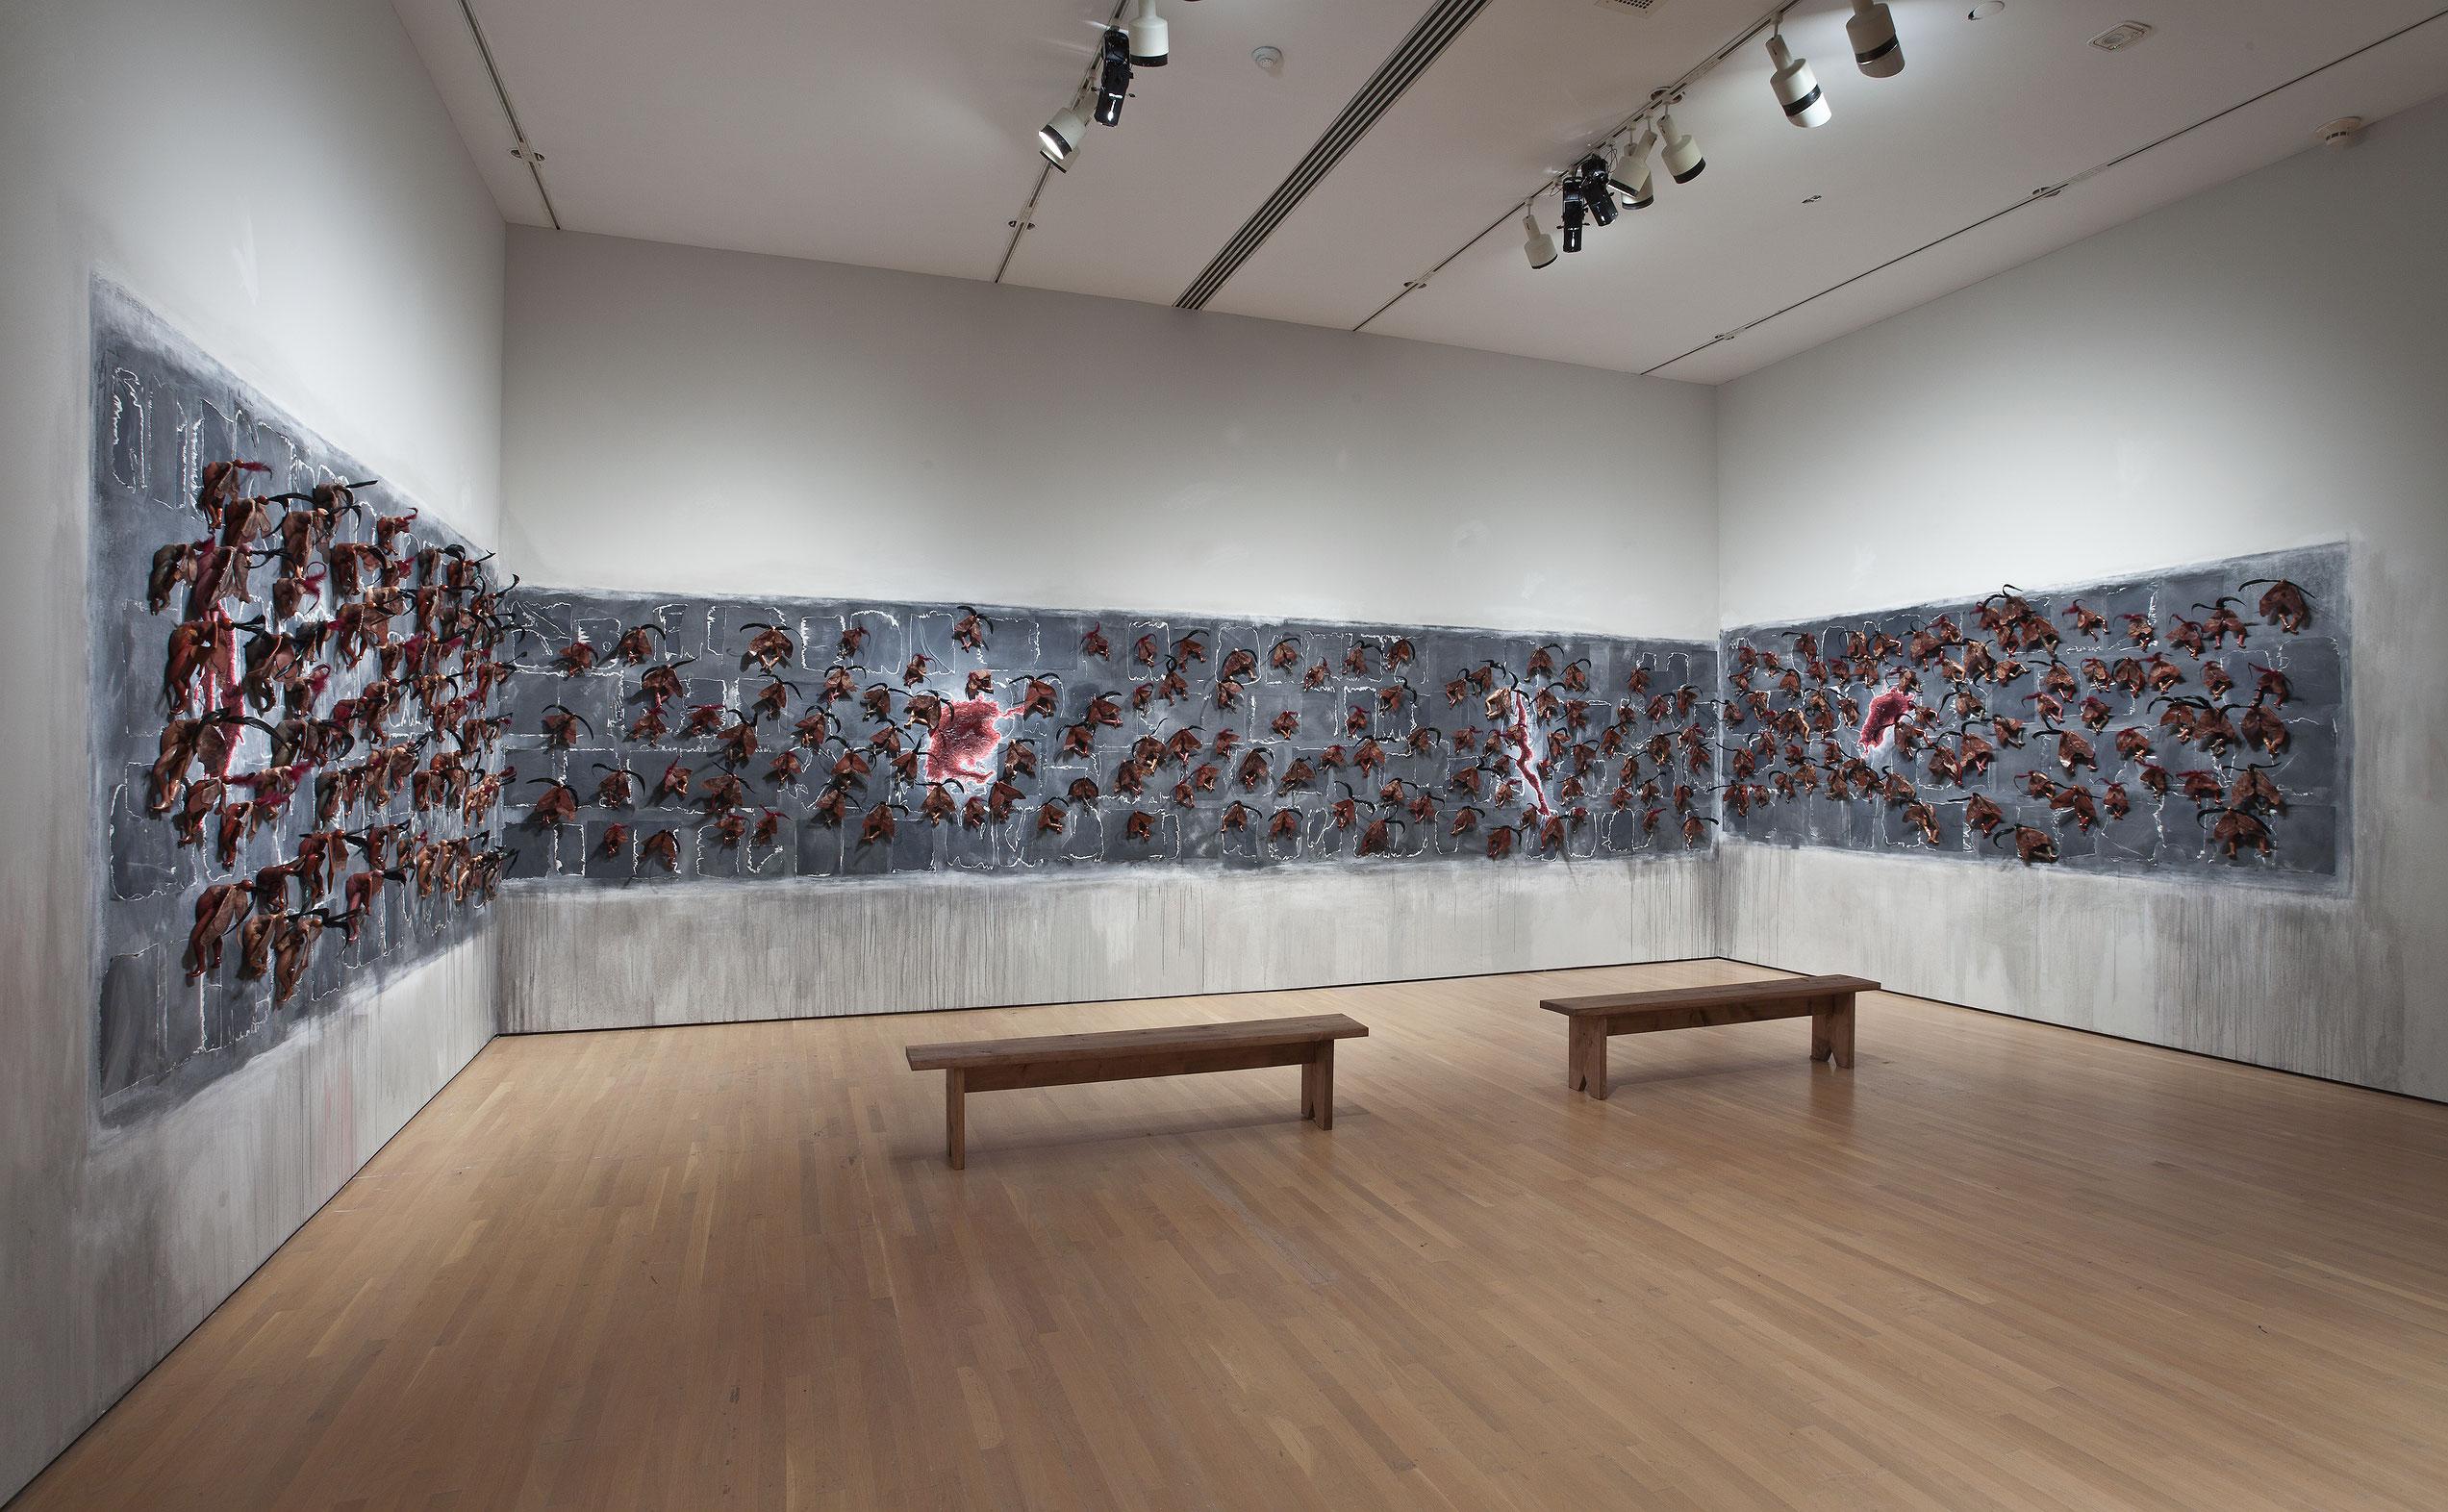 Moth Girls, 2010, Wangechi Mutu, Objets et matériaux divers, 246 figurines en céramique, ailes en cuir, plumes, papier et lavis.